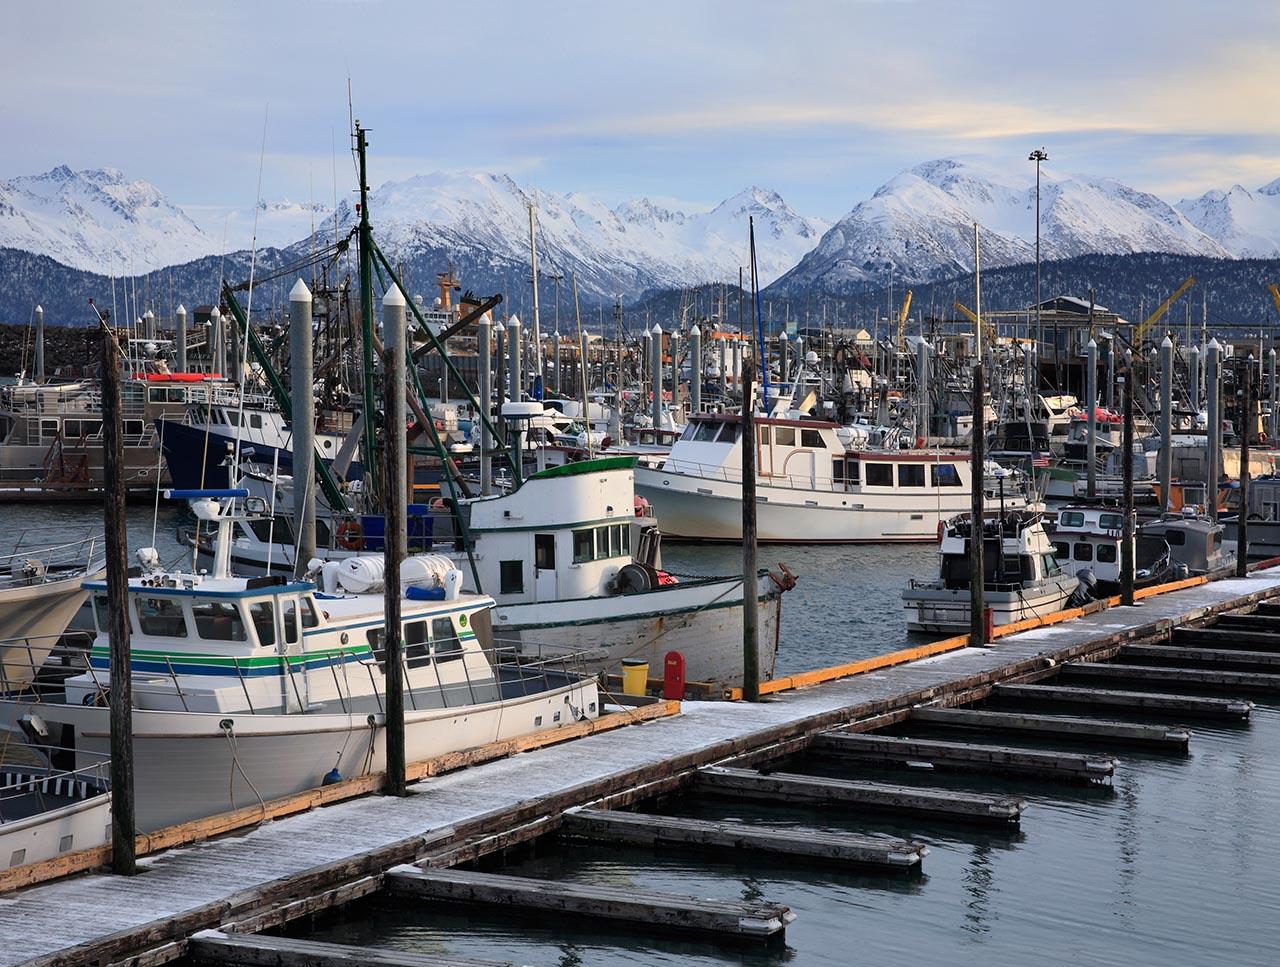 Many boats at a dock.